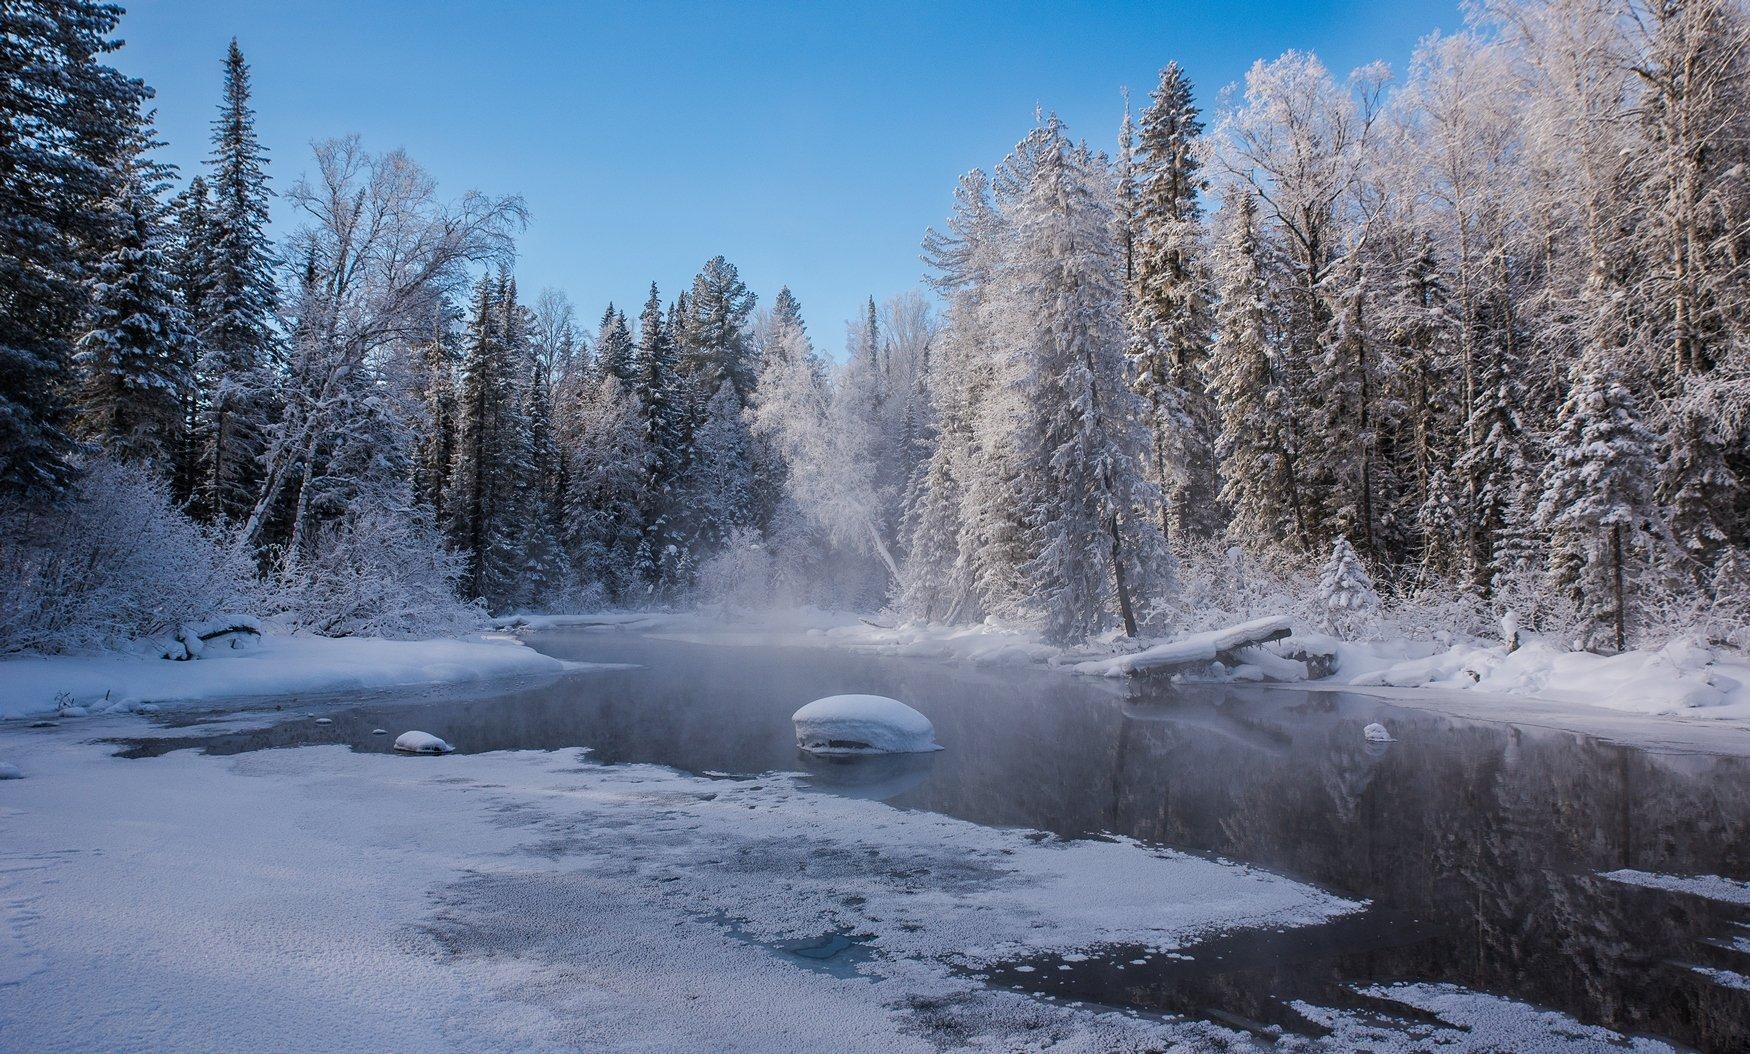 река мороз снег, Мальцев Юрий